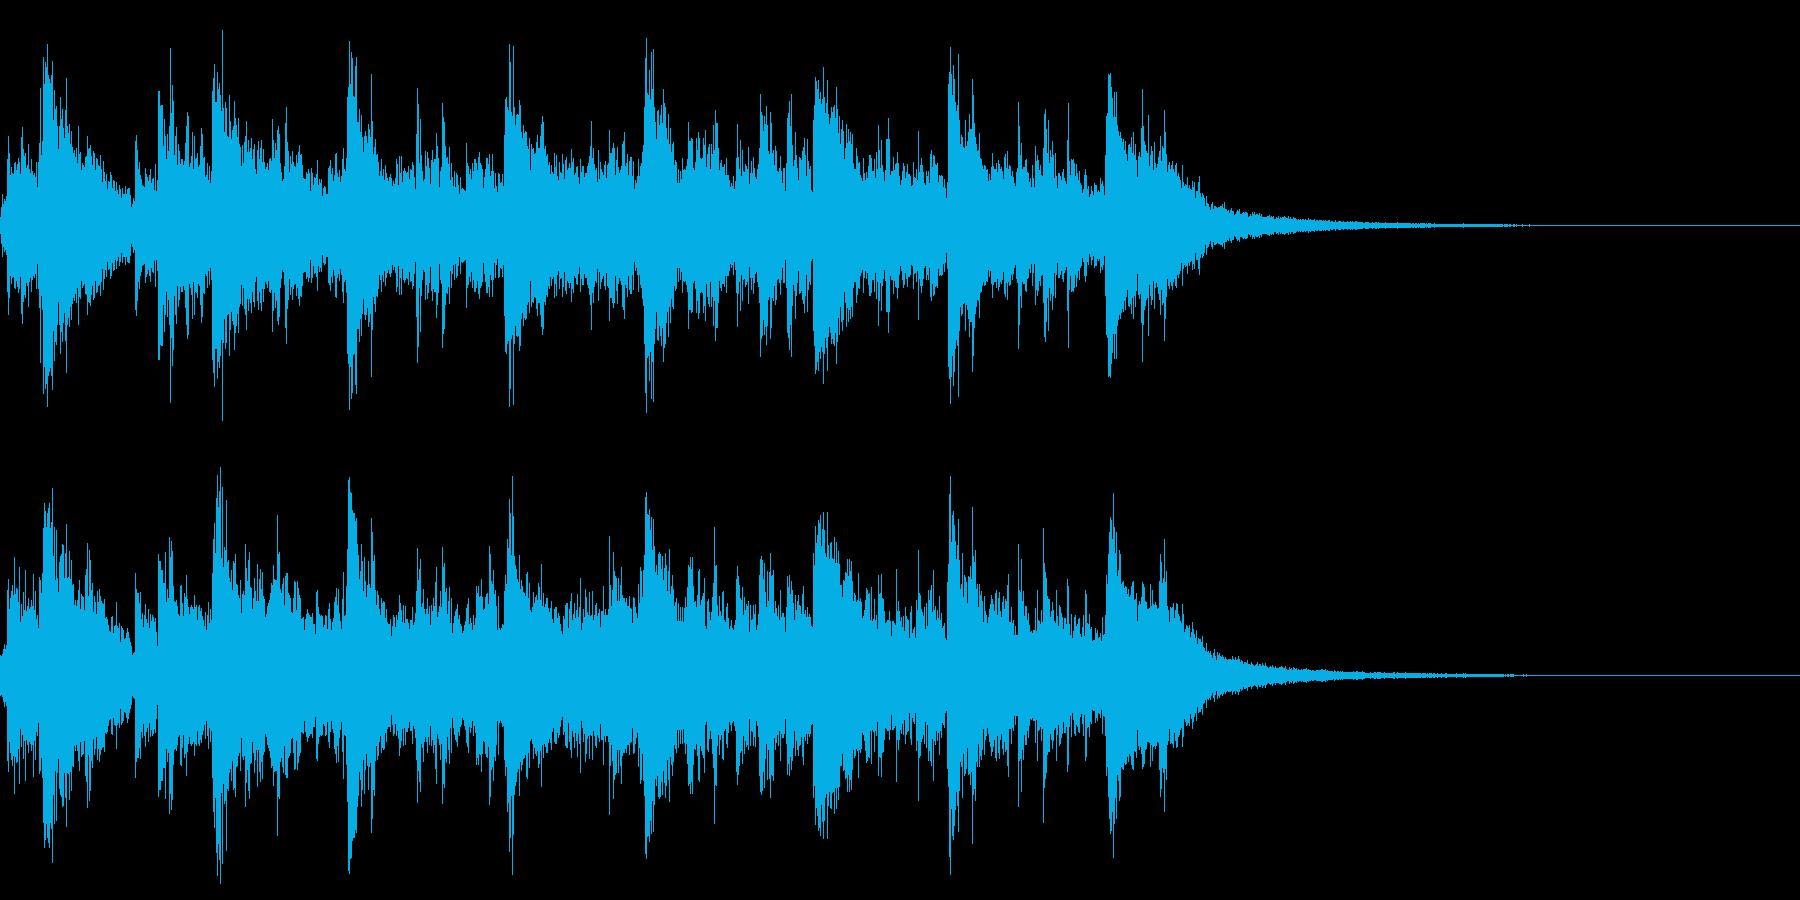 カオス2 ジャズ楽器 滅茶苦茶 感電の再生済みの波形